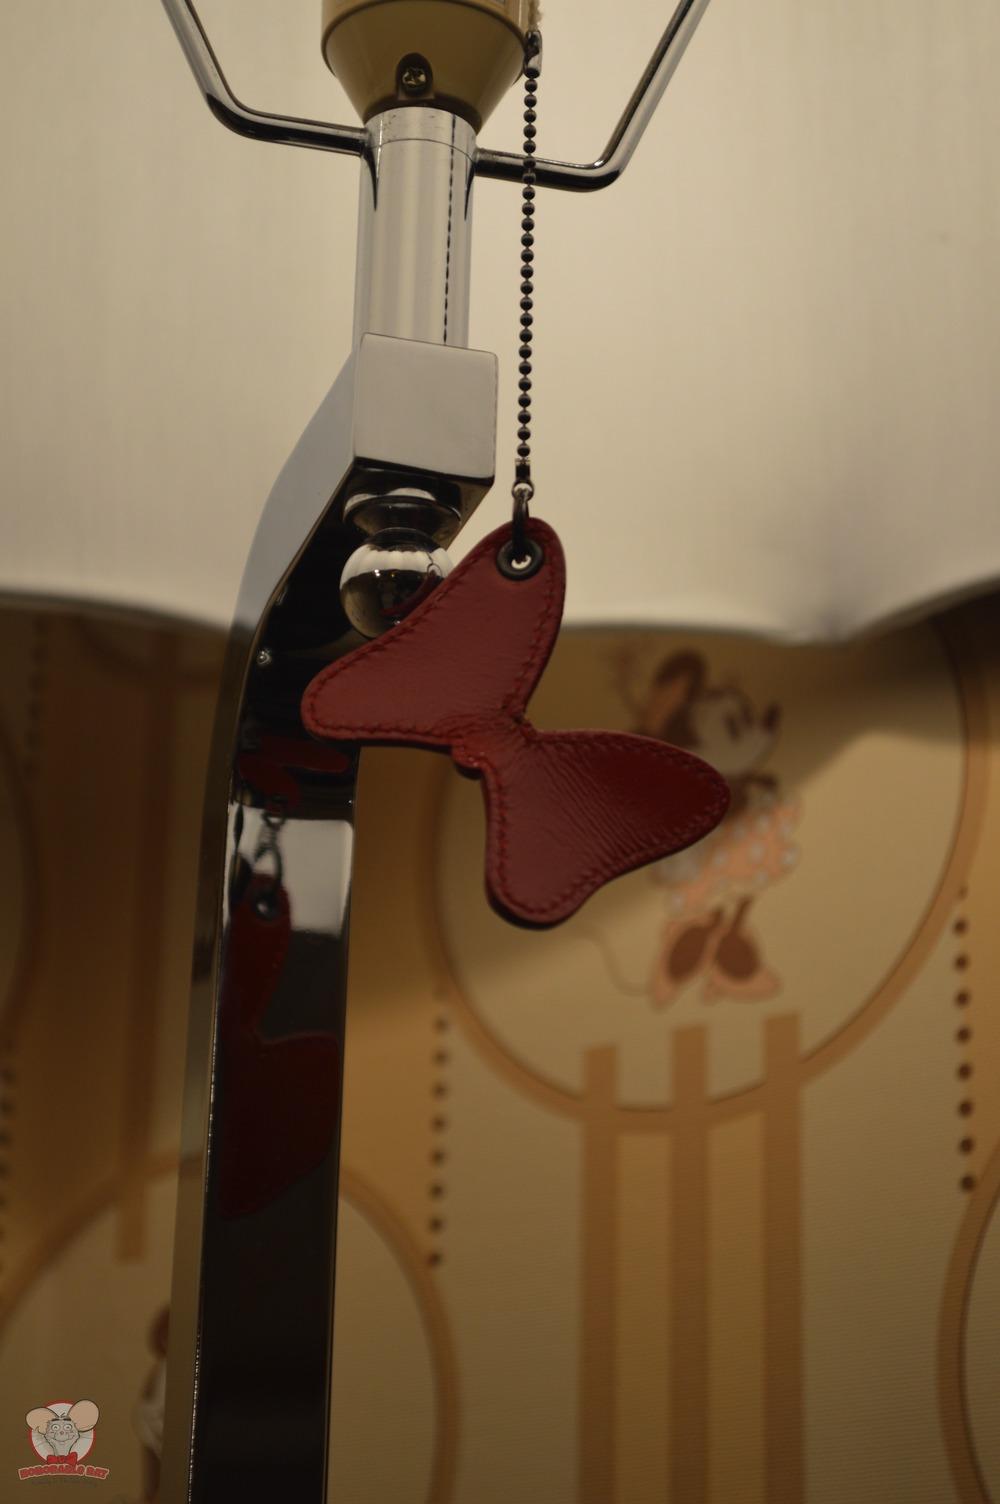 Minnie's bow on the light bulb chain